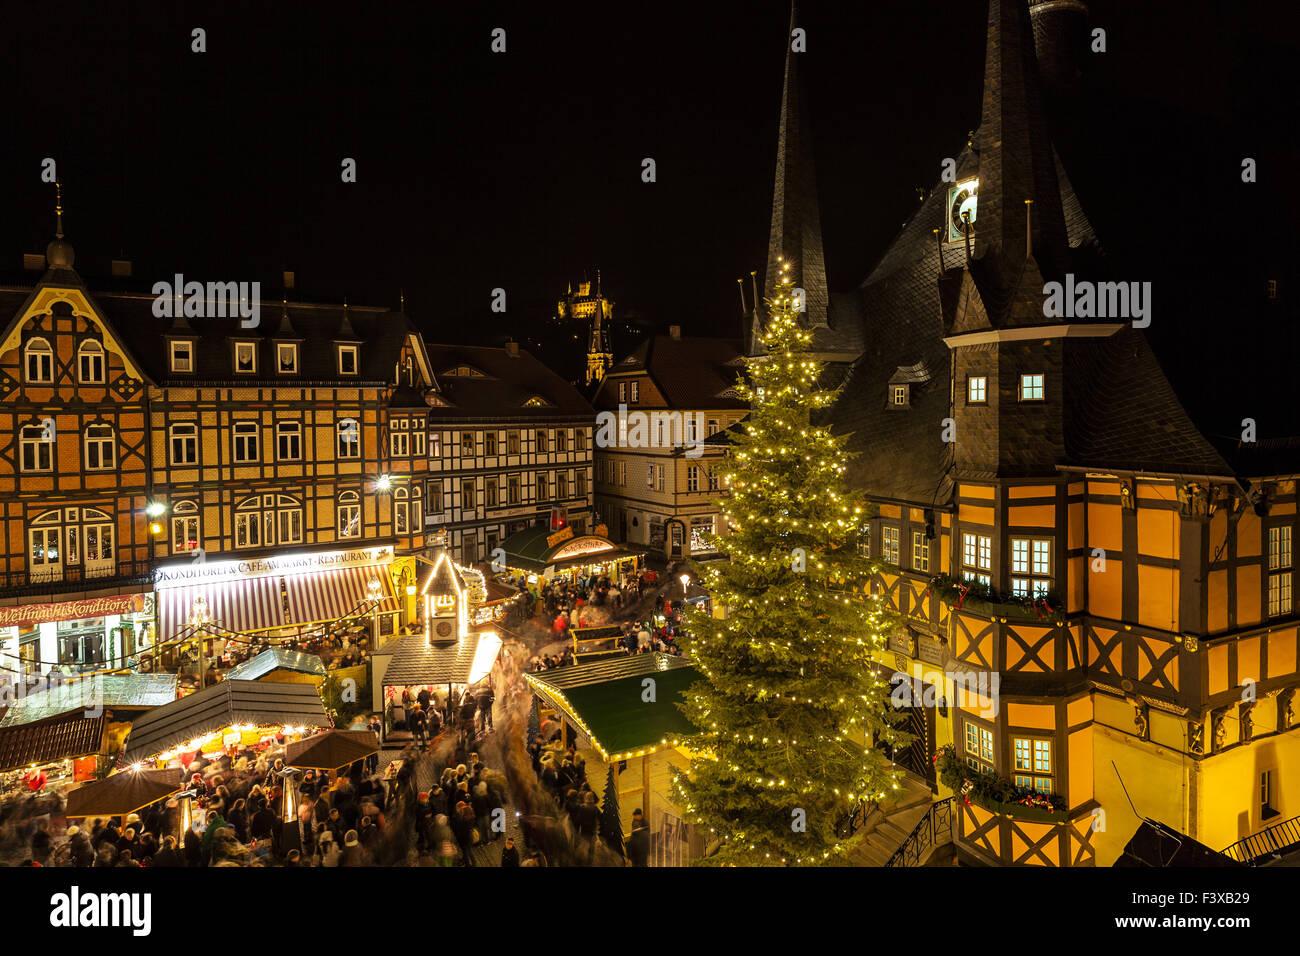 Mercado de Navidad en Alemania Imagen De Stock